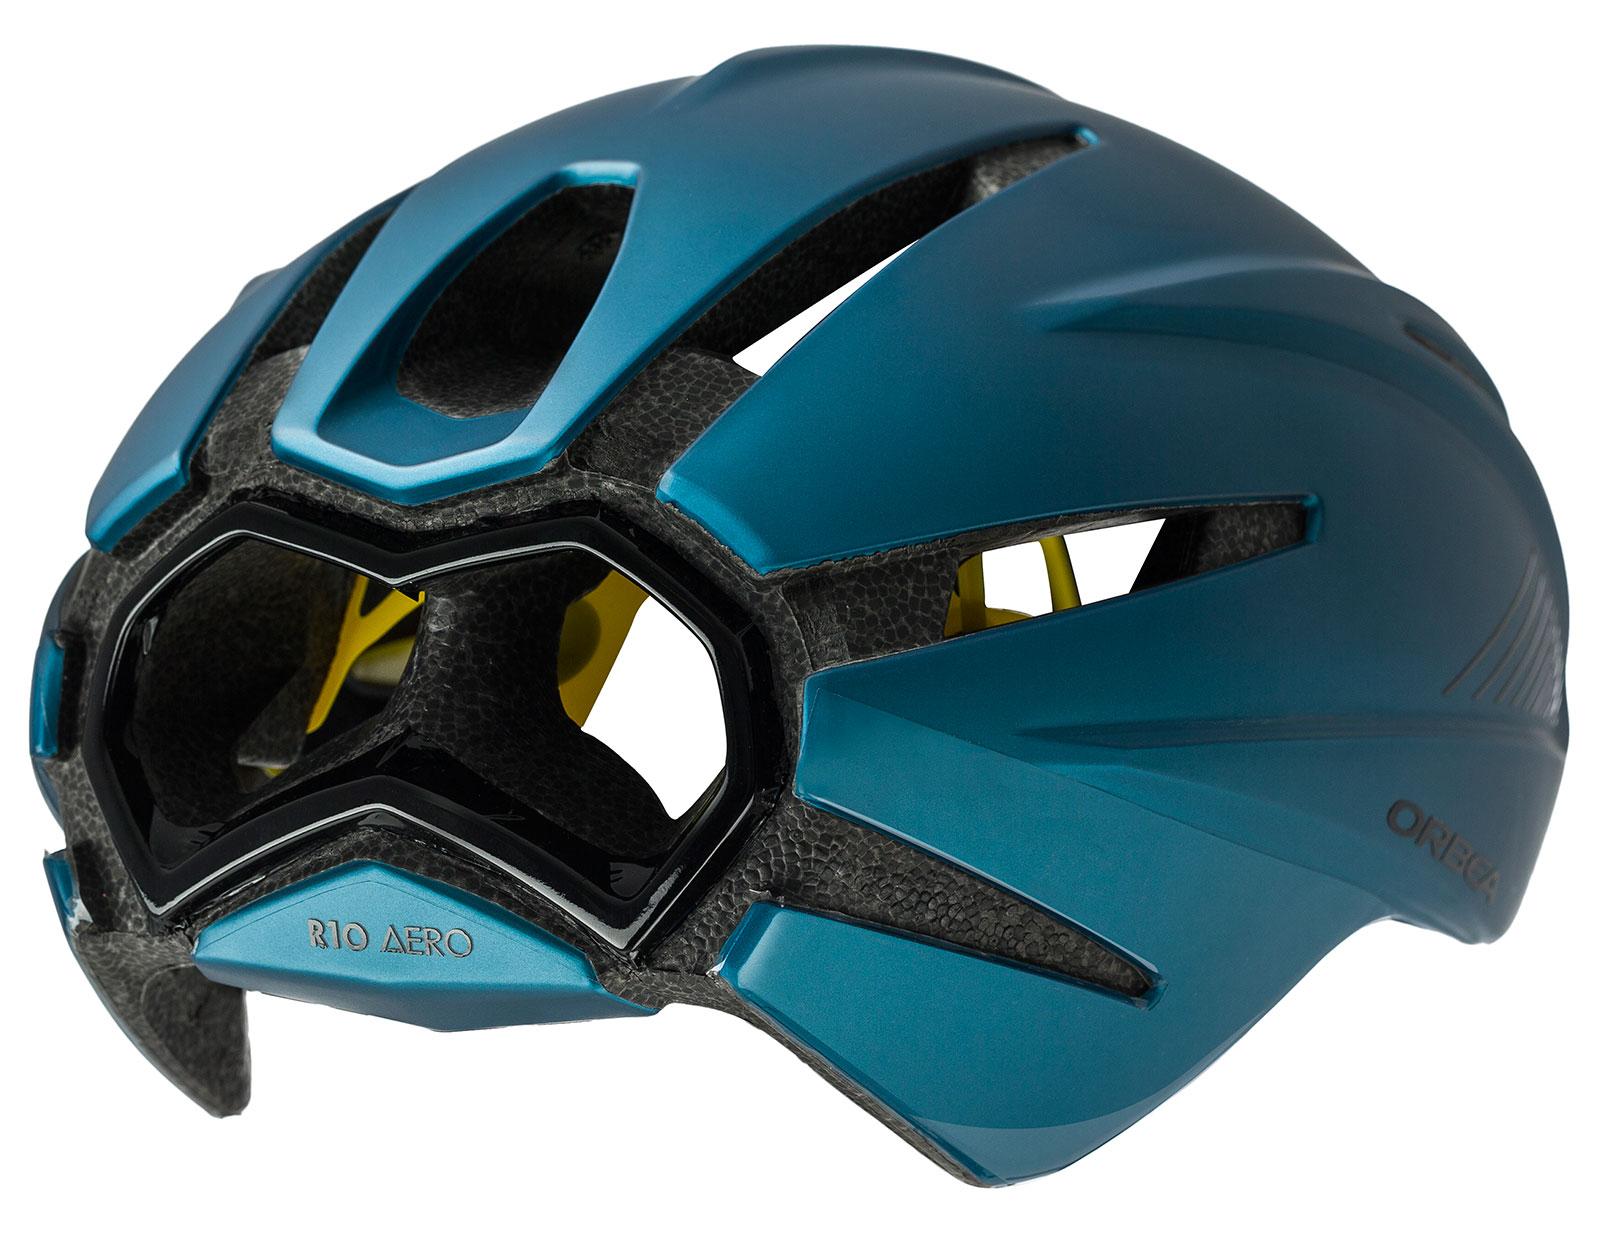 Casco Orbea R10 Mips Blue